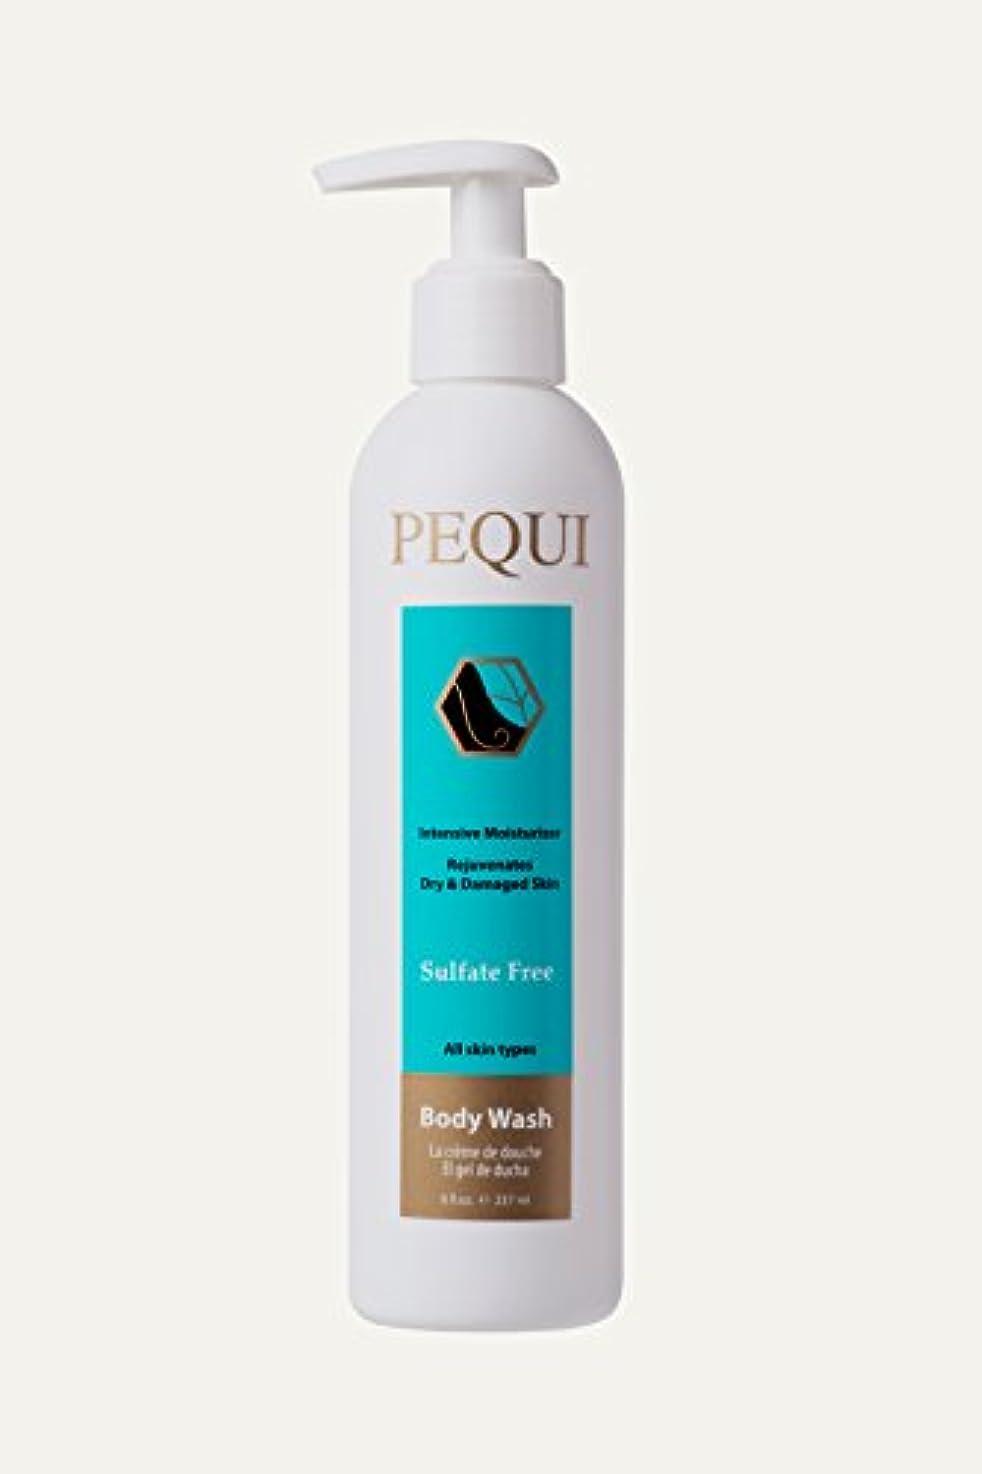 育成製作仮装Bioken Pequi Body Wash 8.0 oz by Bioken